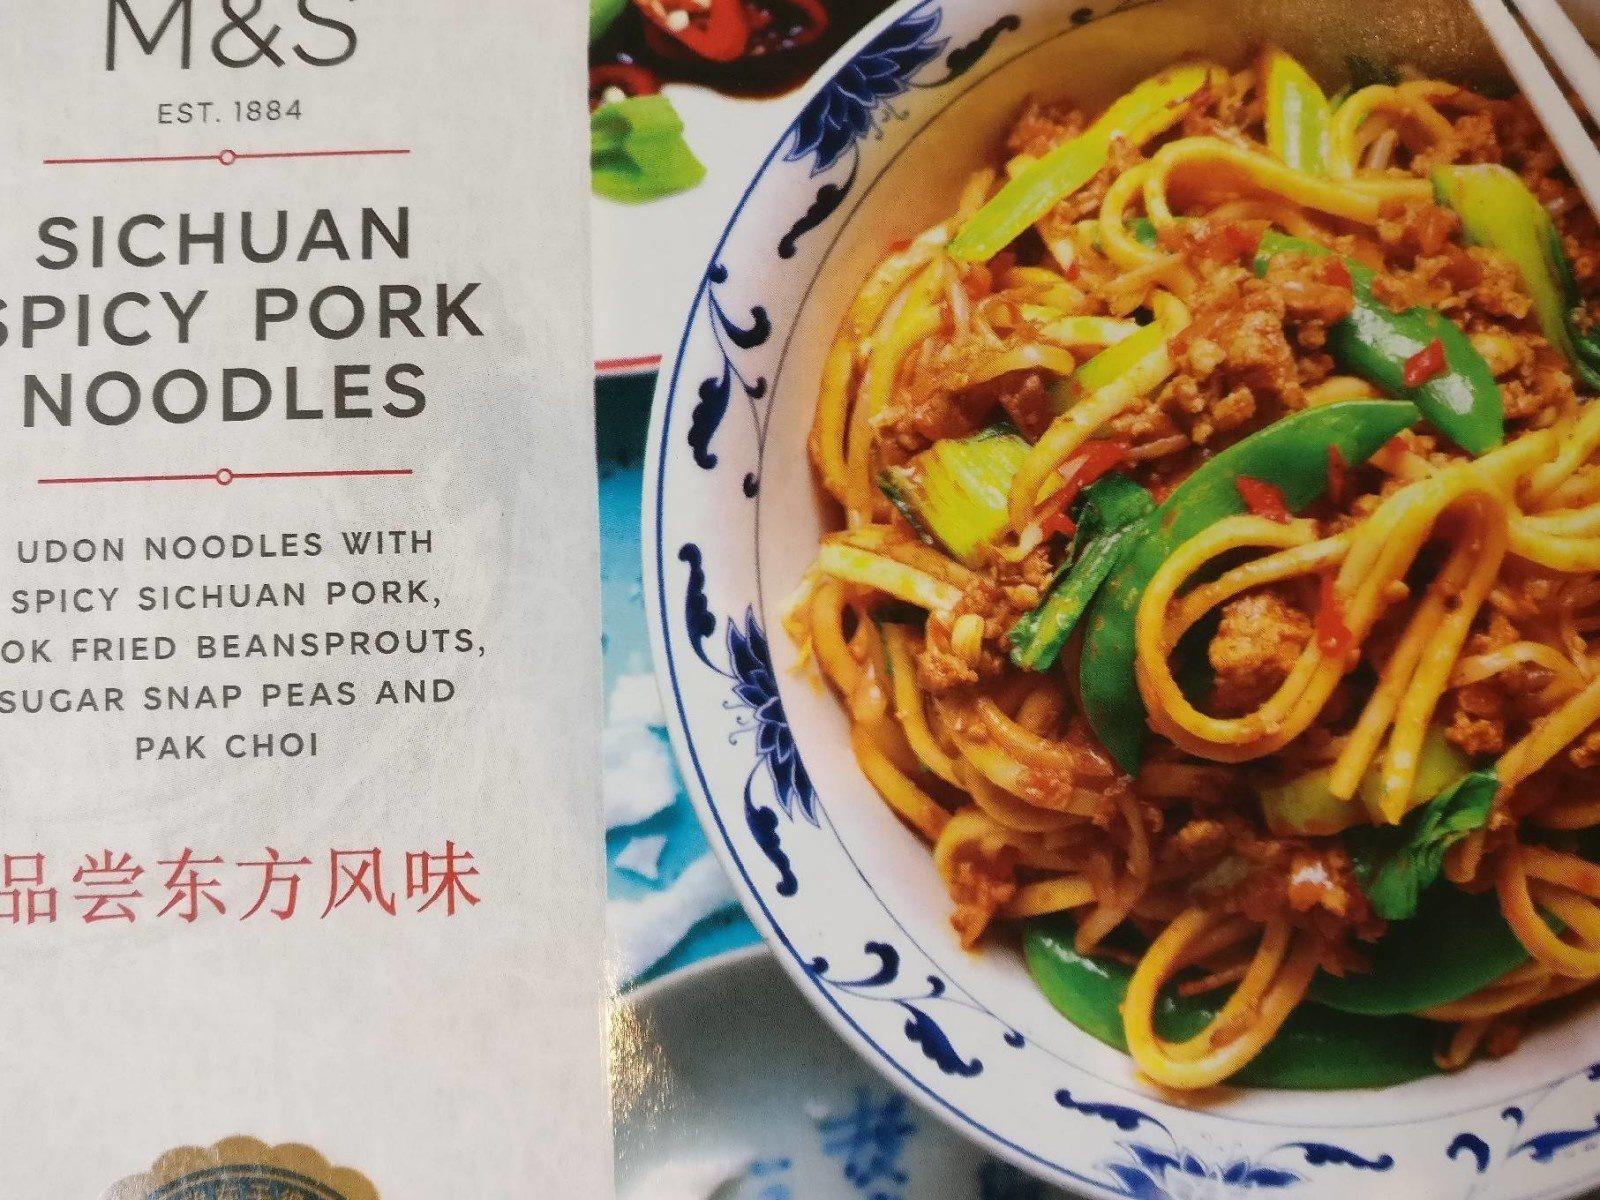 Sichuan spicy pork noodles